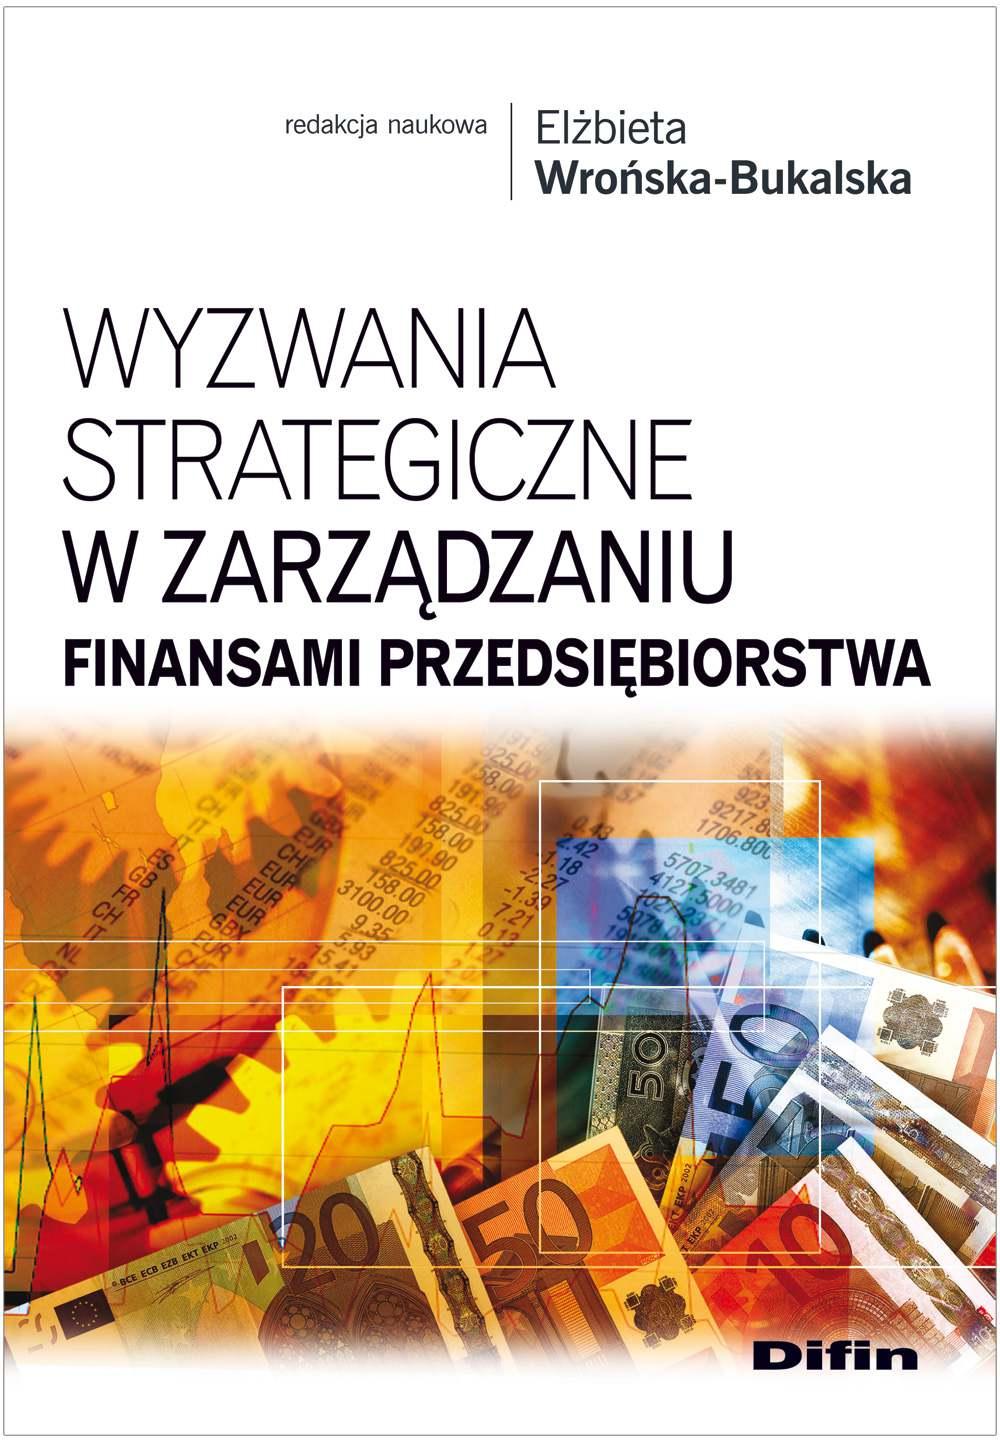 Wyzwania strategiczne w zarządzaniu finansami przedsiębiorstwa - Ebook (Książka PDF) do pobrania w formacie PDF